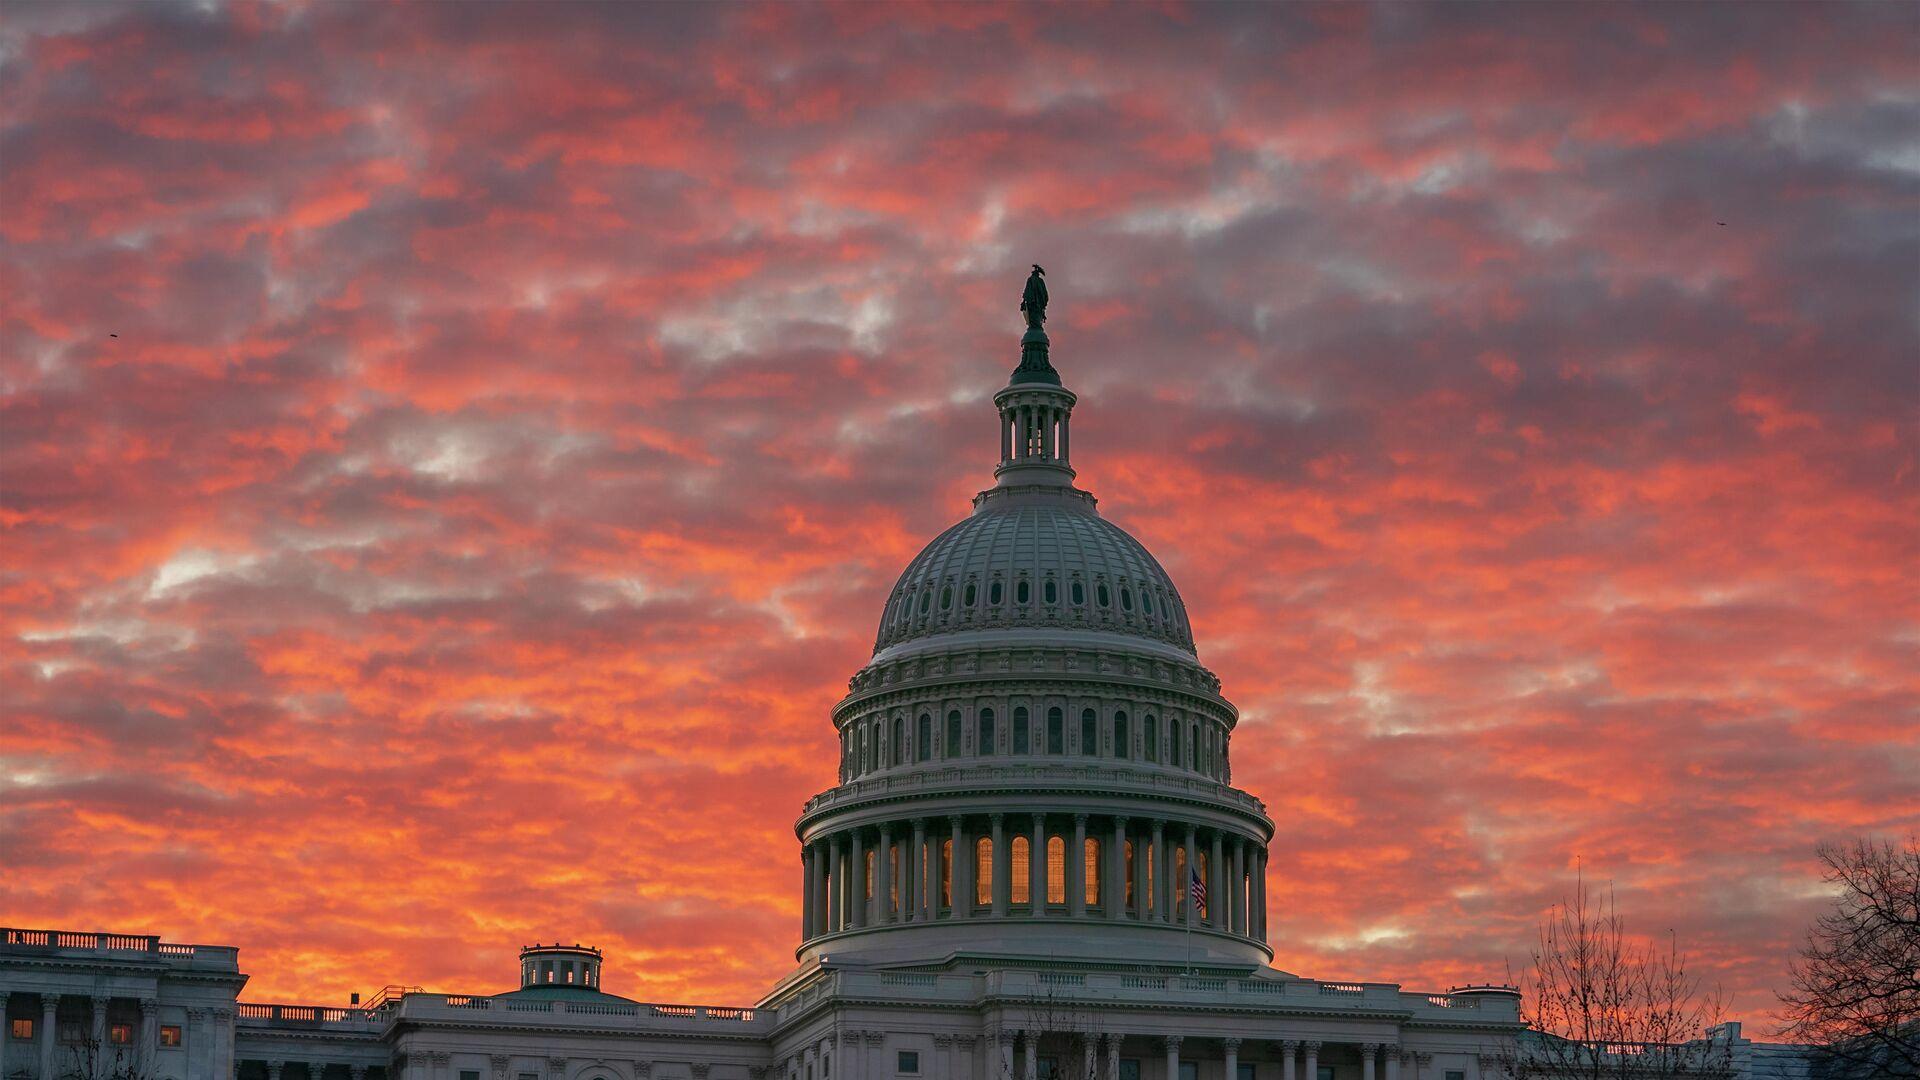 Здание Капитолия в Вашингтоне - РИА Новости, 1920, 10.06.2021